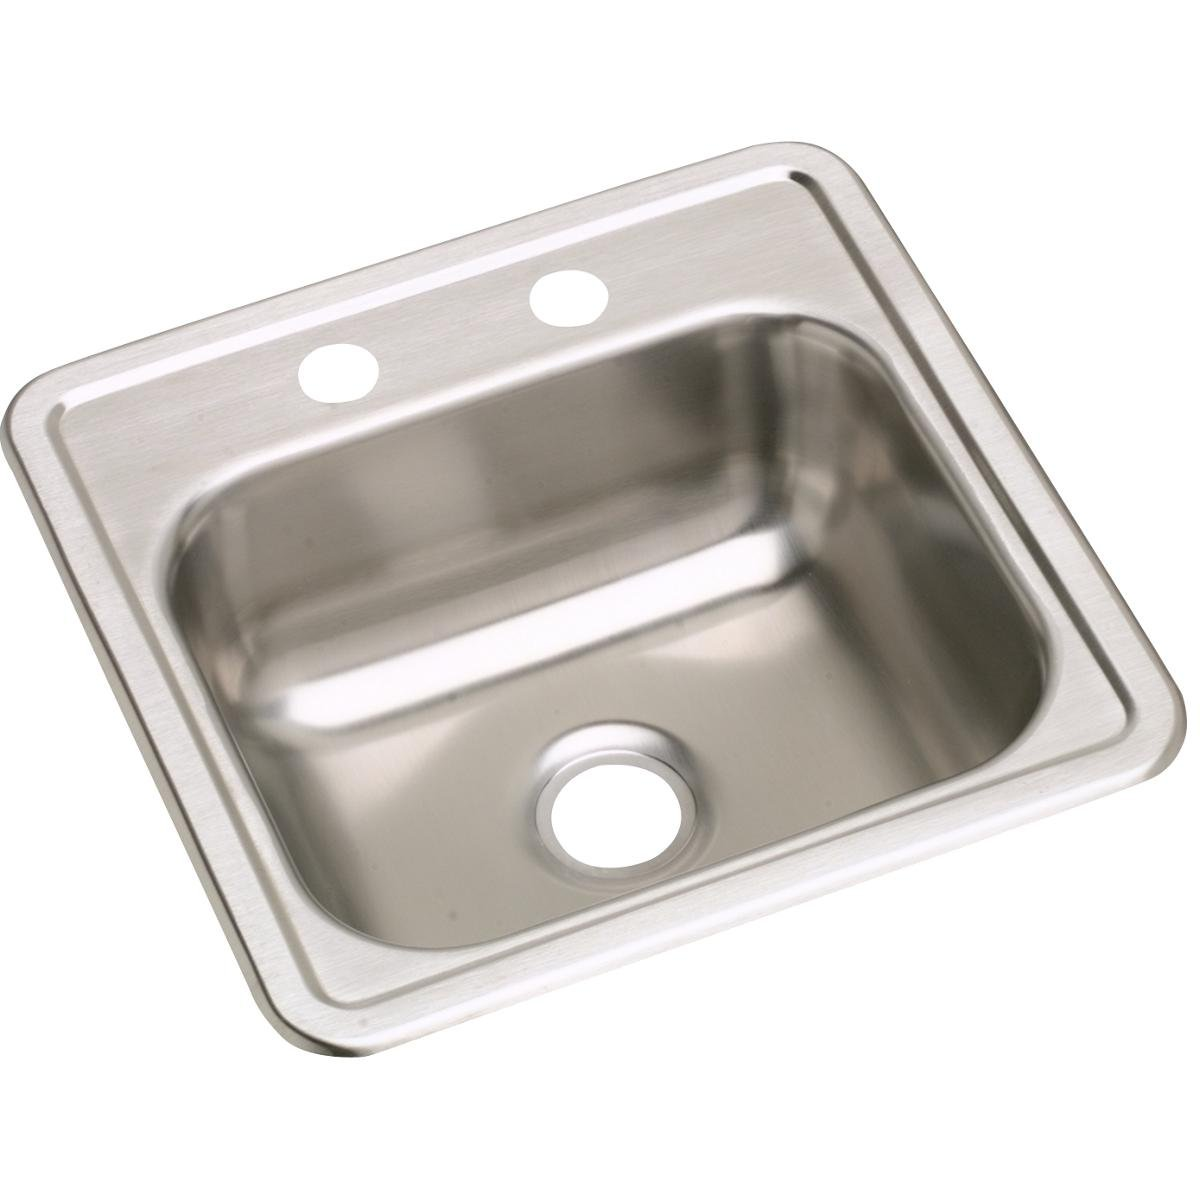 Dayton D115151 Single Bowl Top Mount Stainless Steel Bar Sink